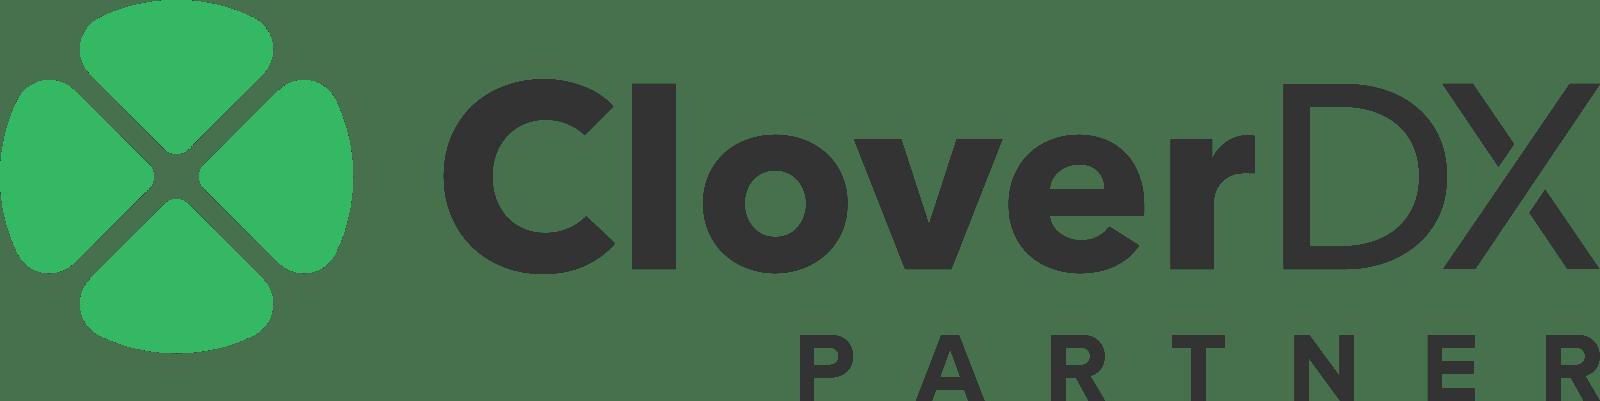 CloverDX_partner_logo